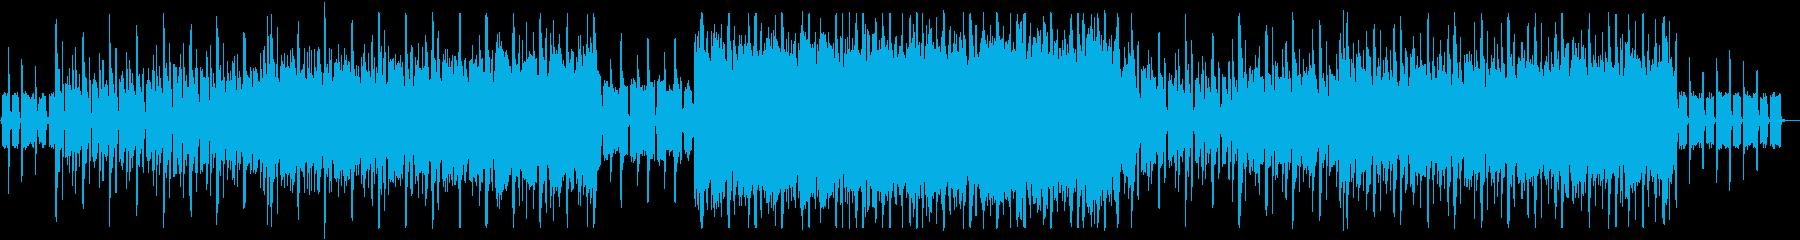 企業VP・CM 躍動感のあるロックの再生済みの波形